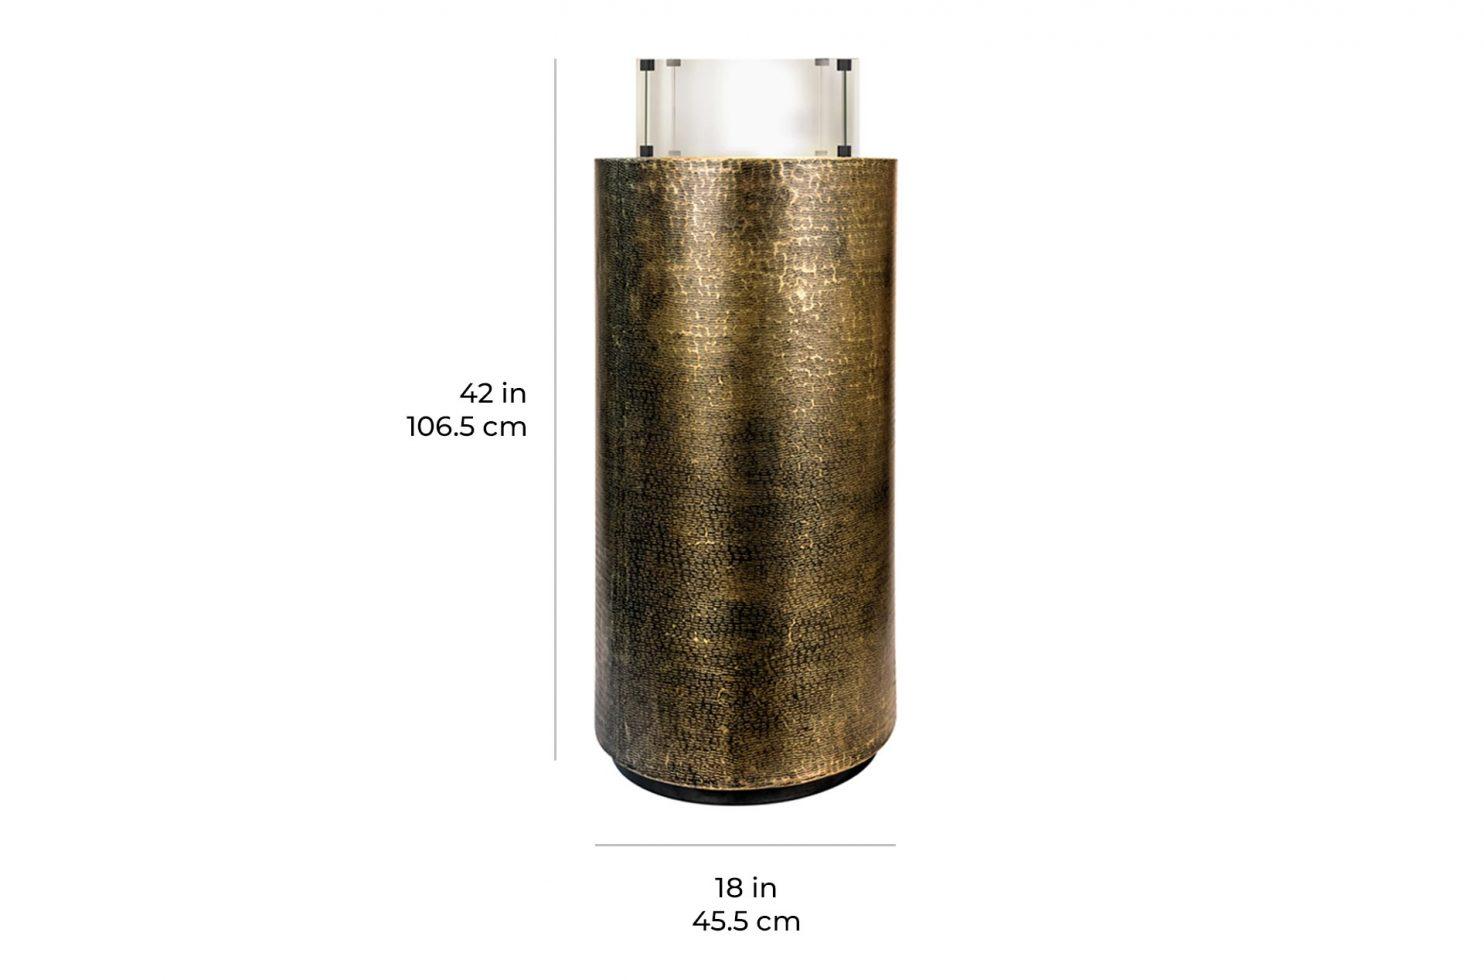 ingot pedestal aztec 520FT011P2AB 36 scale dims